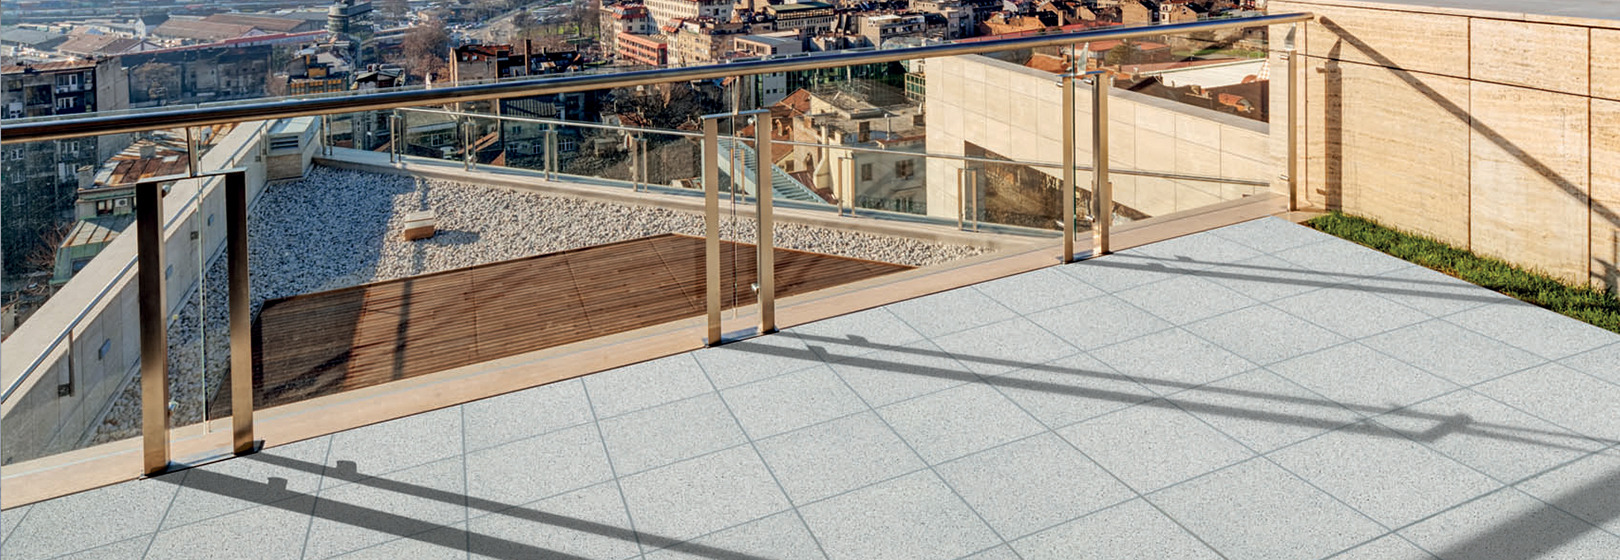 widok z tarasu na dachu